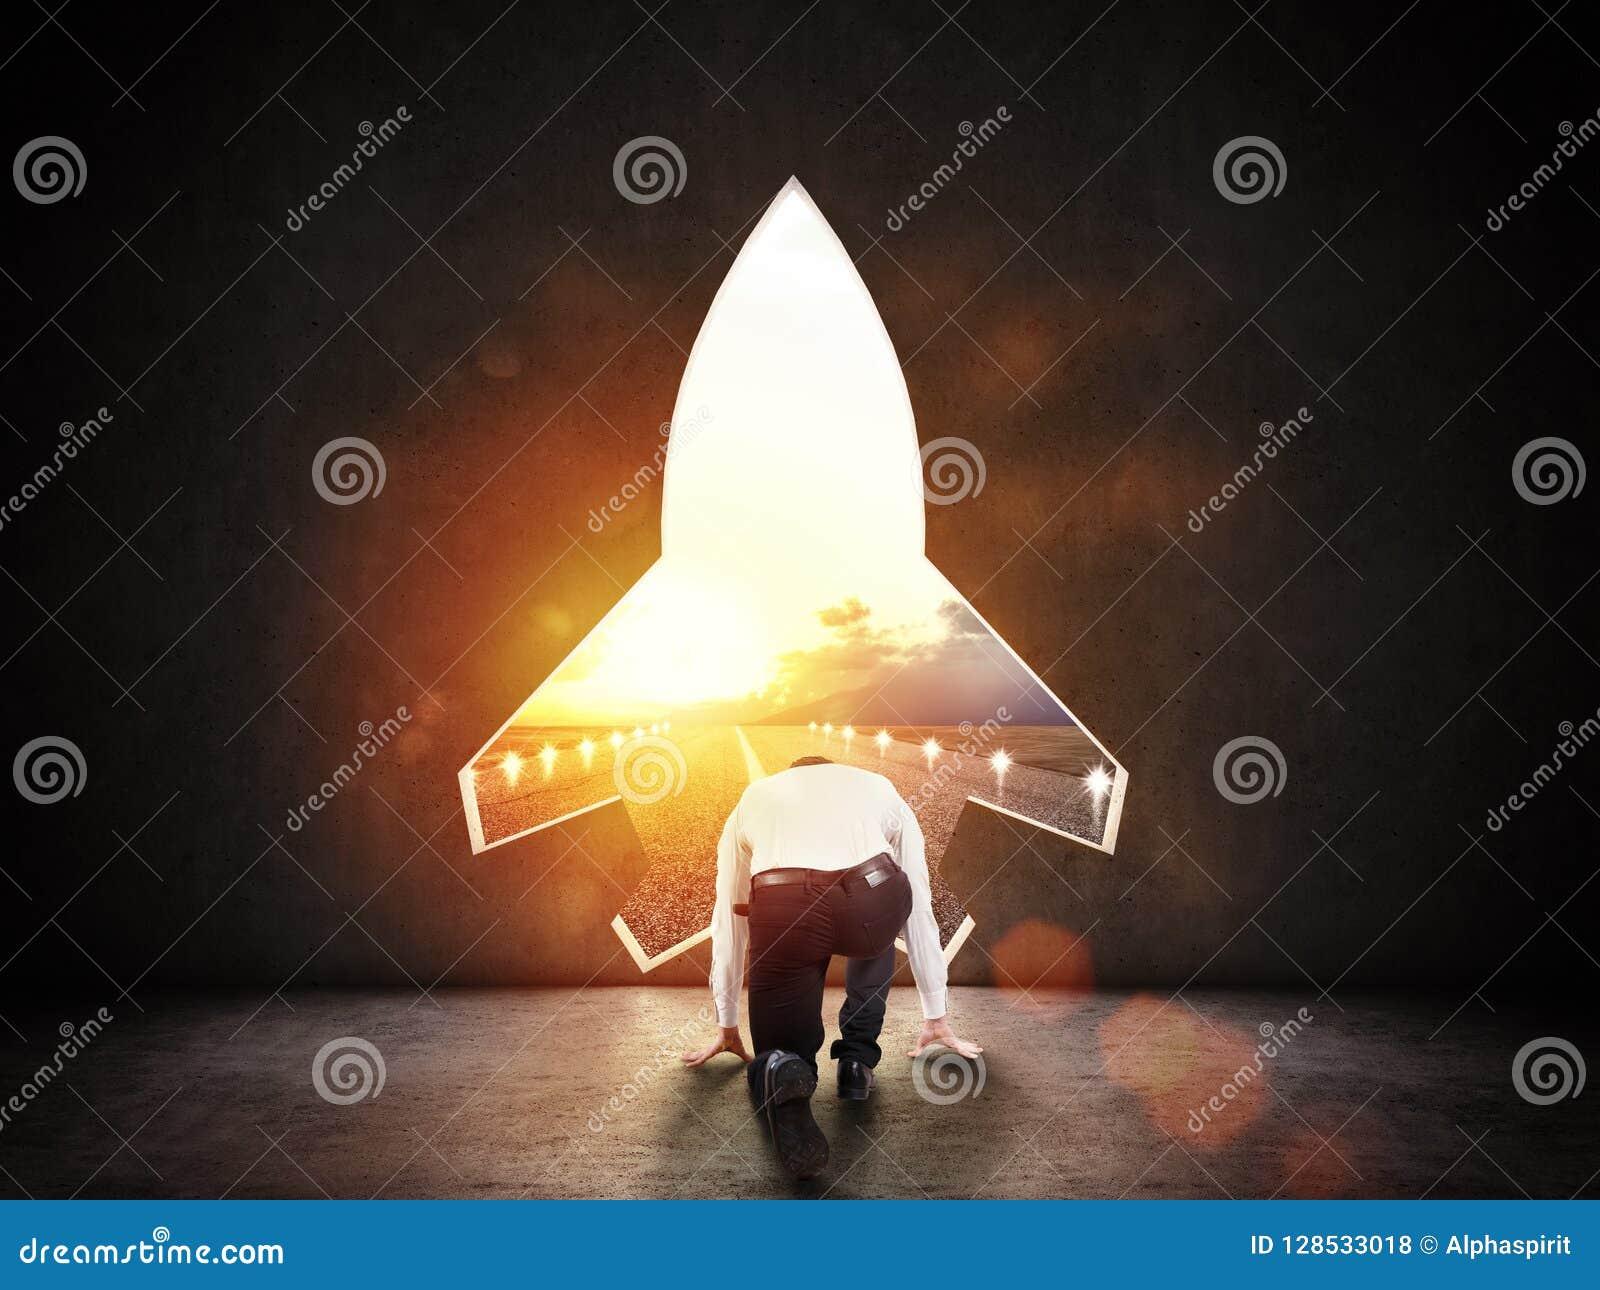 Concept de démarrage avec un trou de forme de fusée dans le mur qui fait référence au départ vers de nouveaux buts